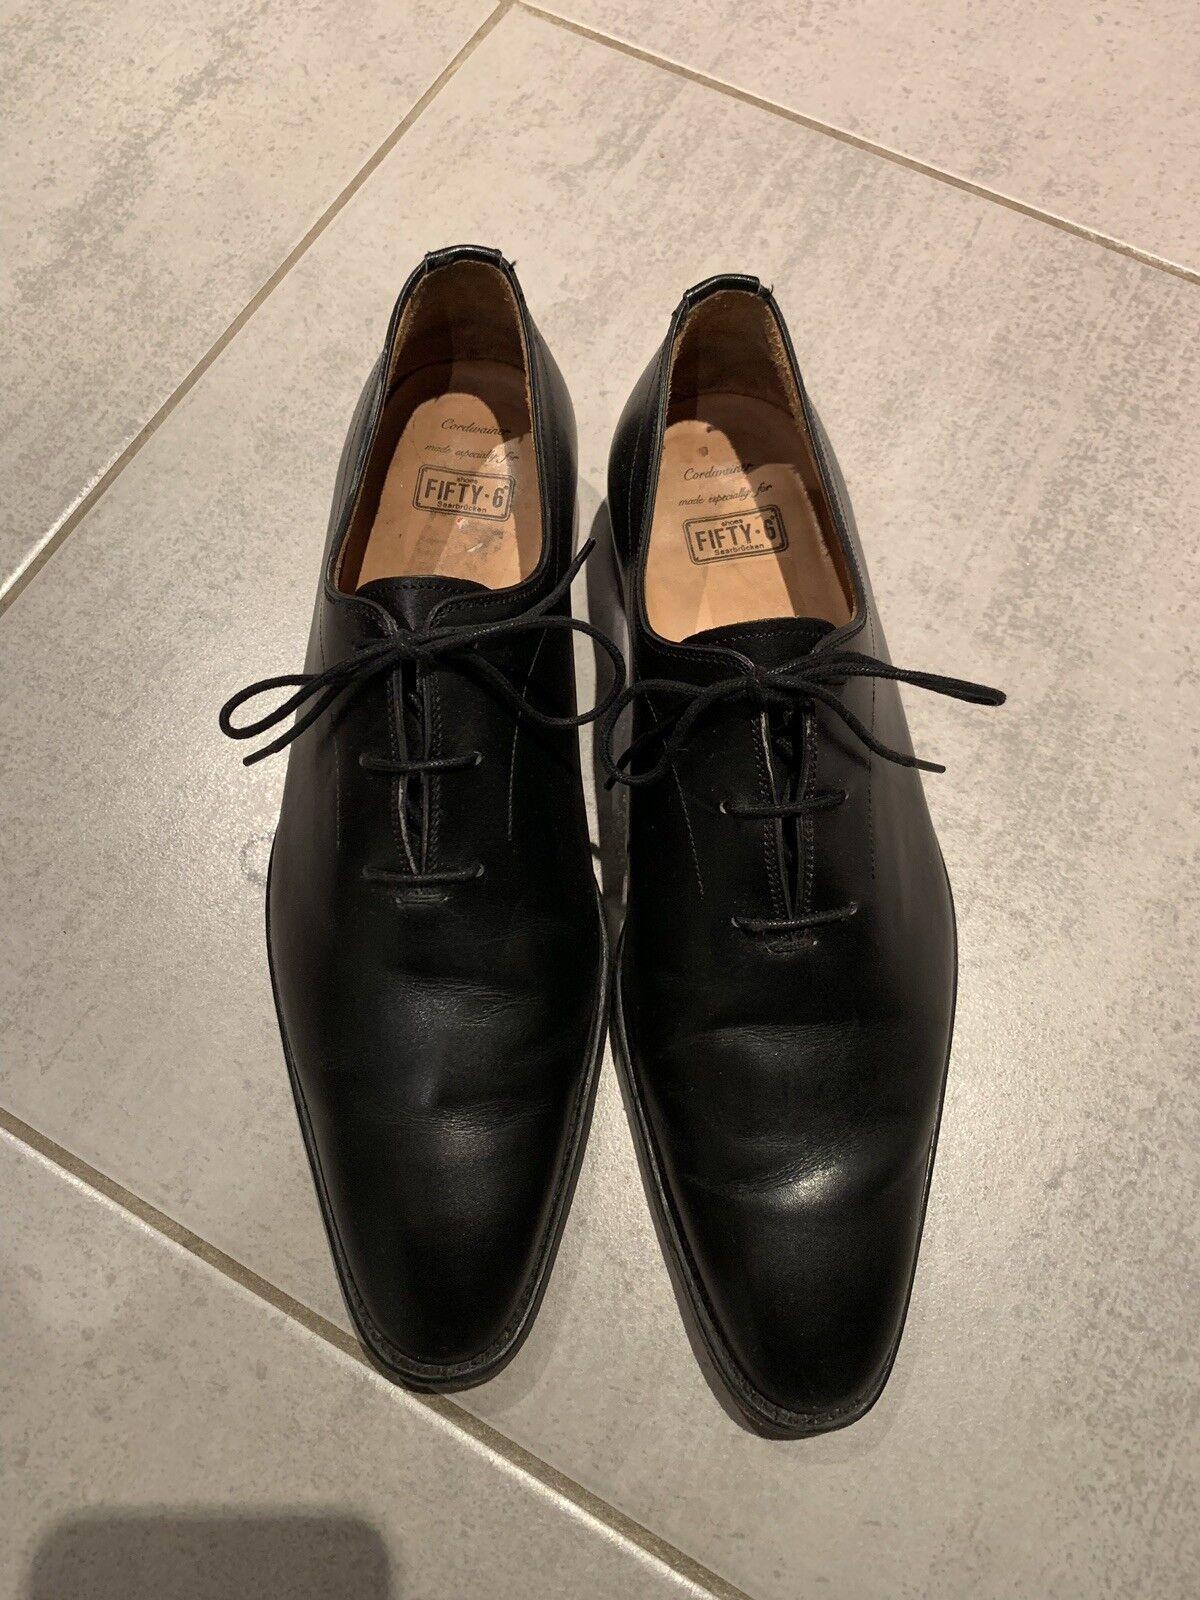 42 Handgenäht Schuh Herren Business Cordwainer b2b04axvb9196